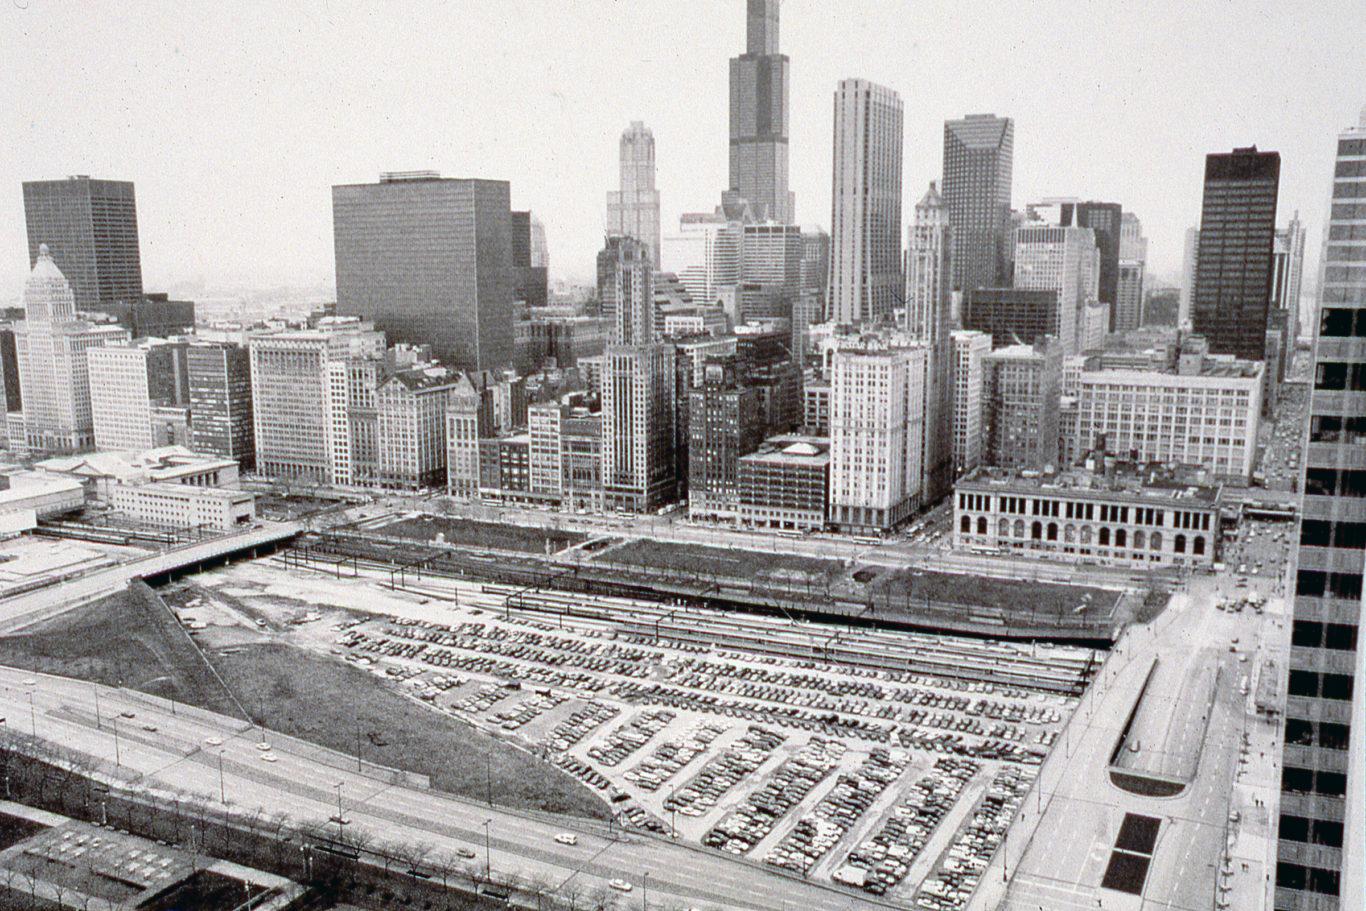 Slide 4 of 4, Millenium Park Chicago